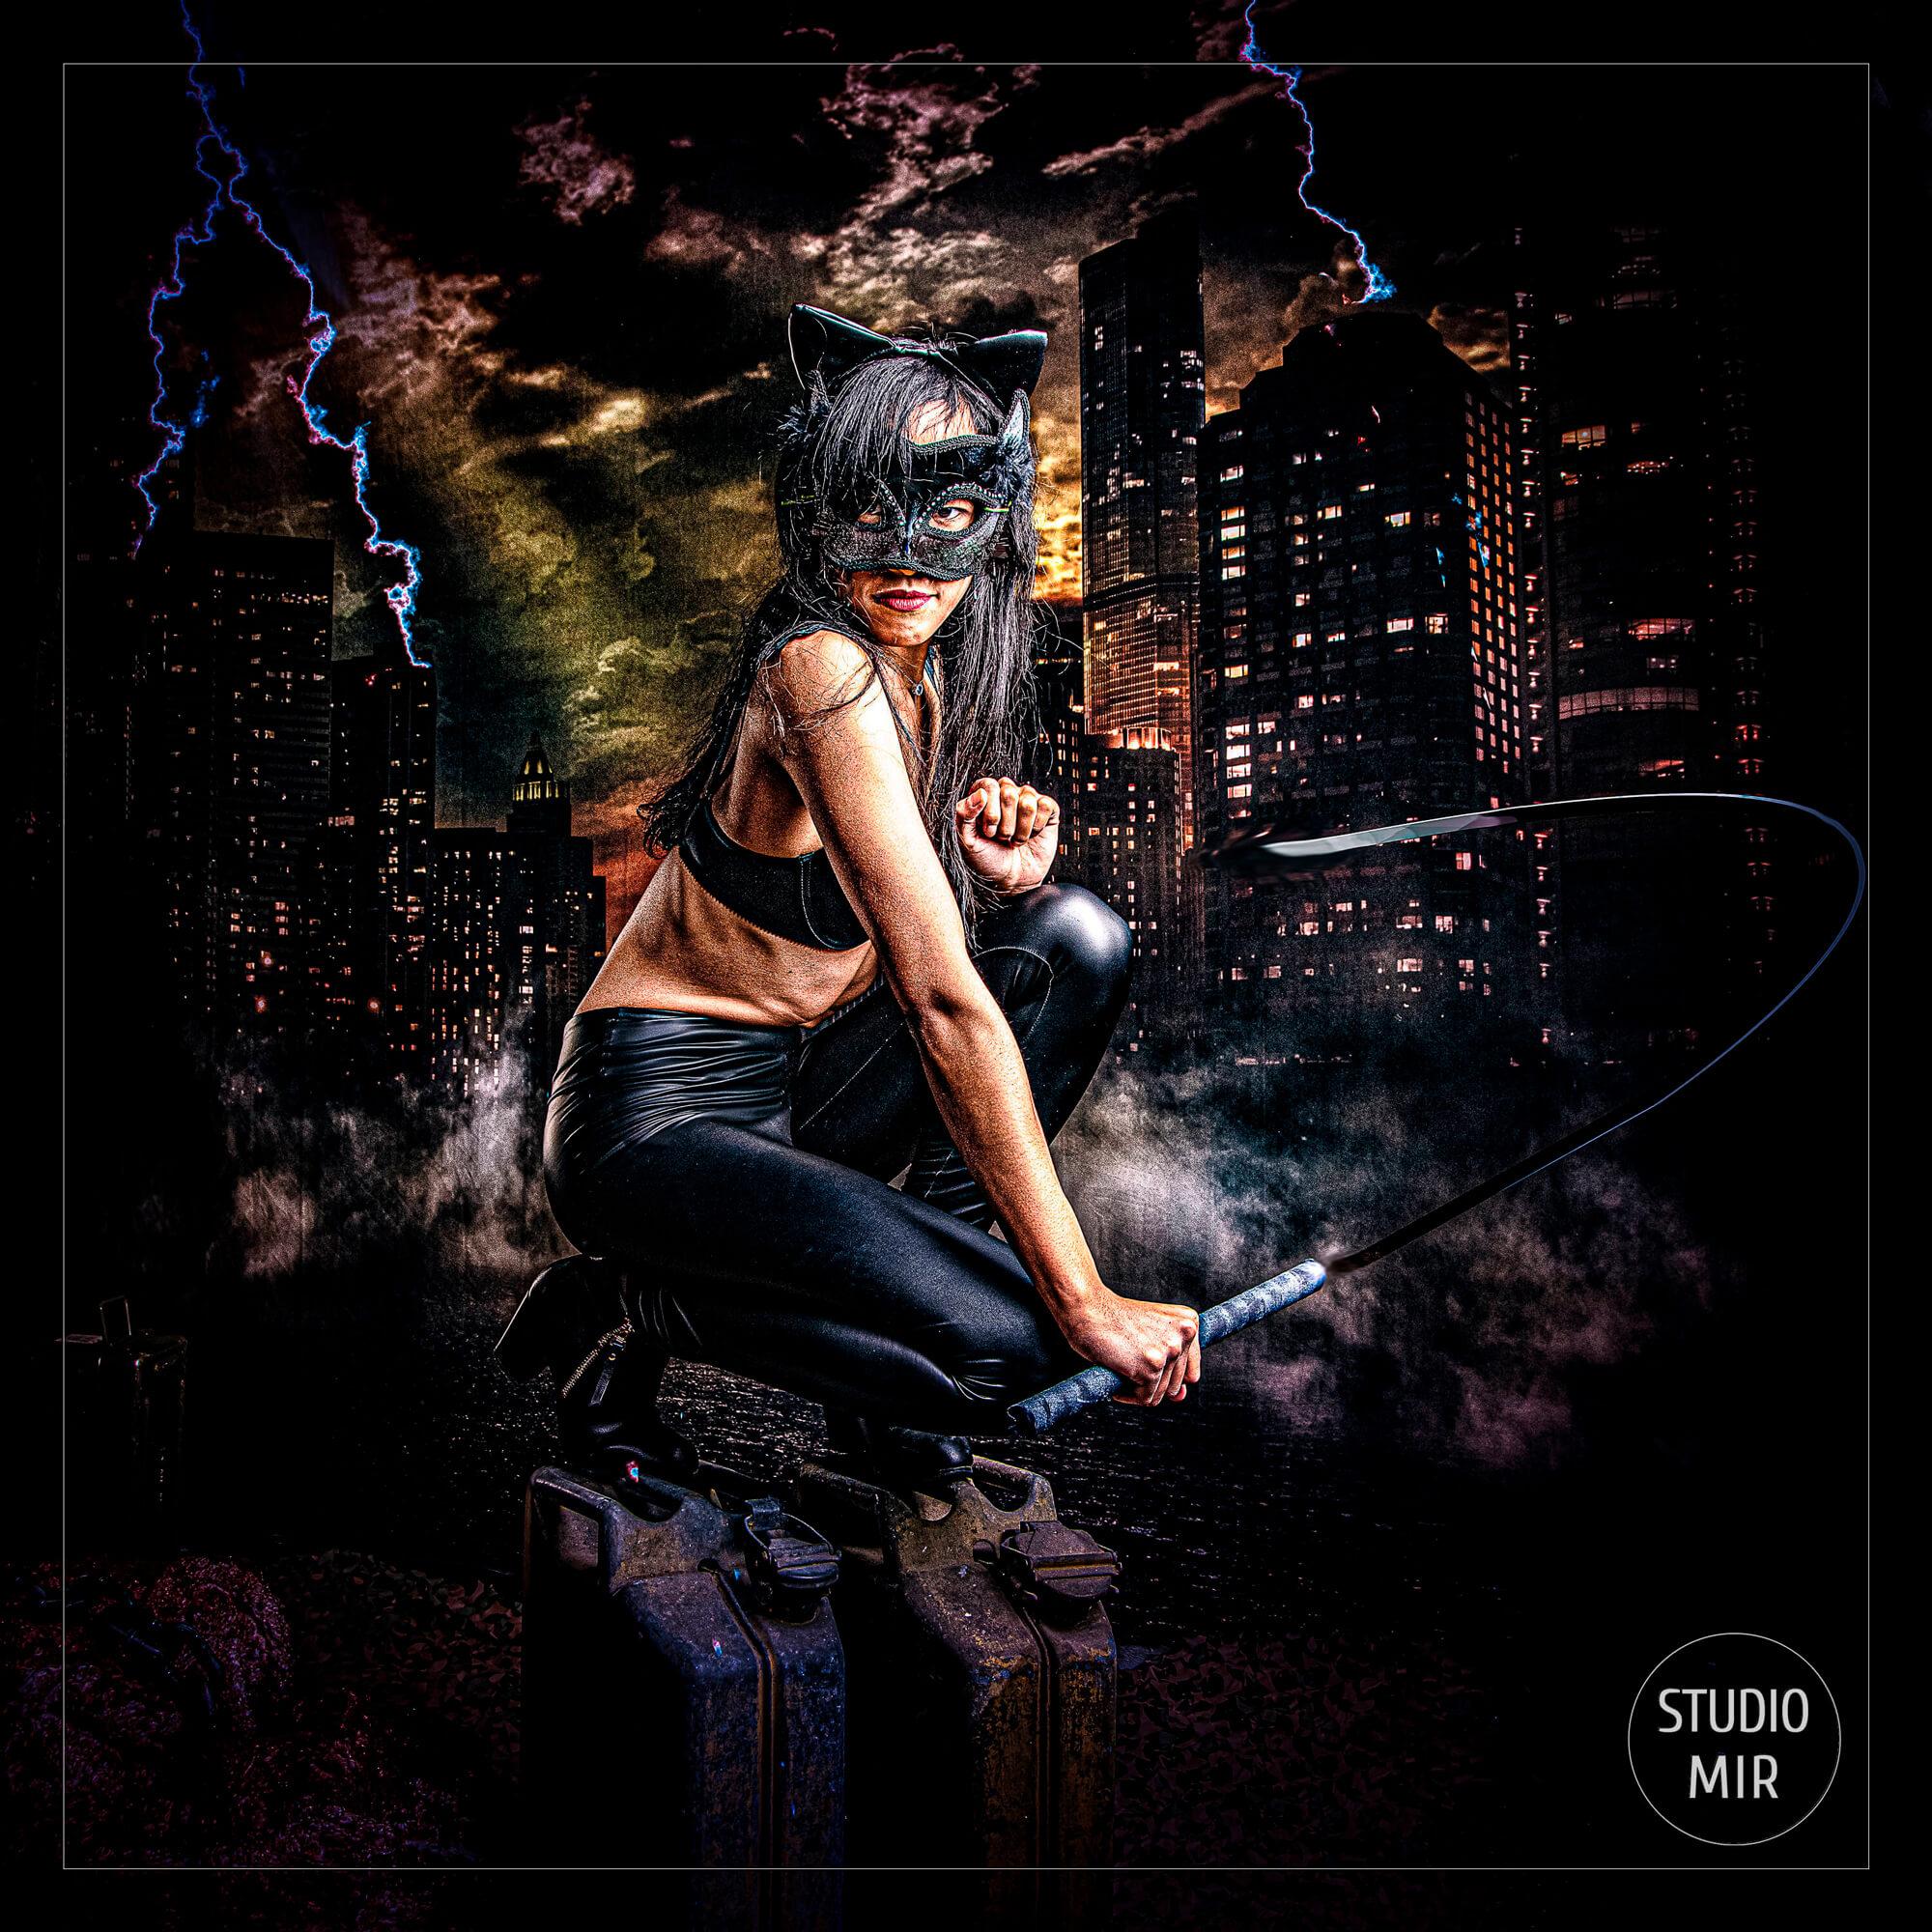 super-heros-model-studio-mir-01-heroique-nonmarvel--8923-2